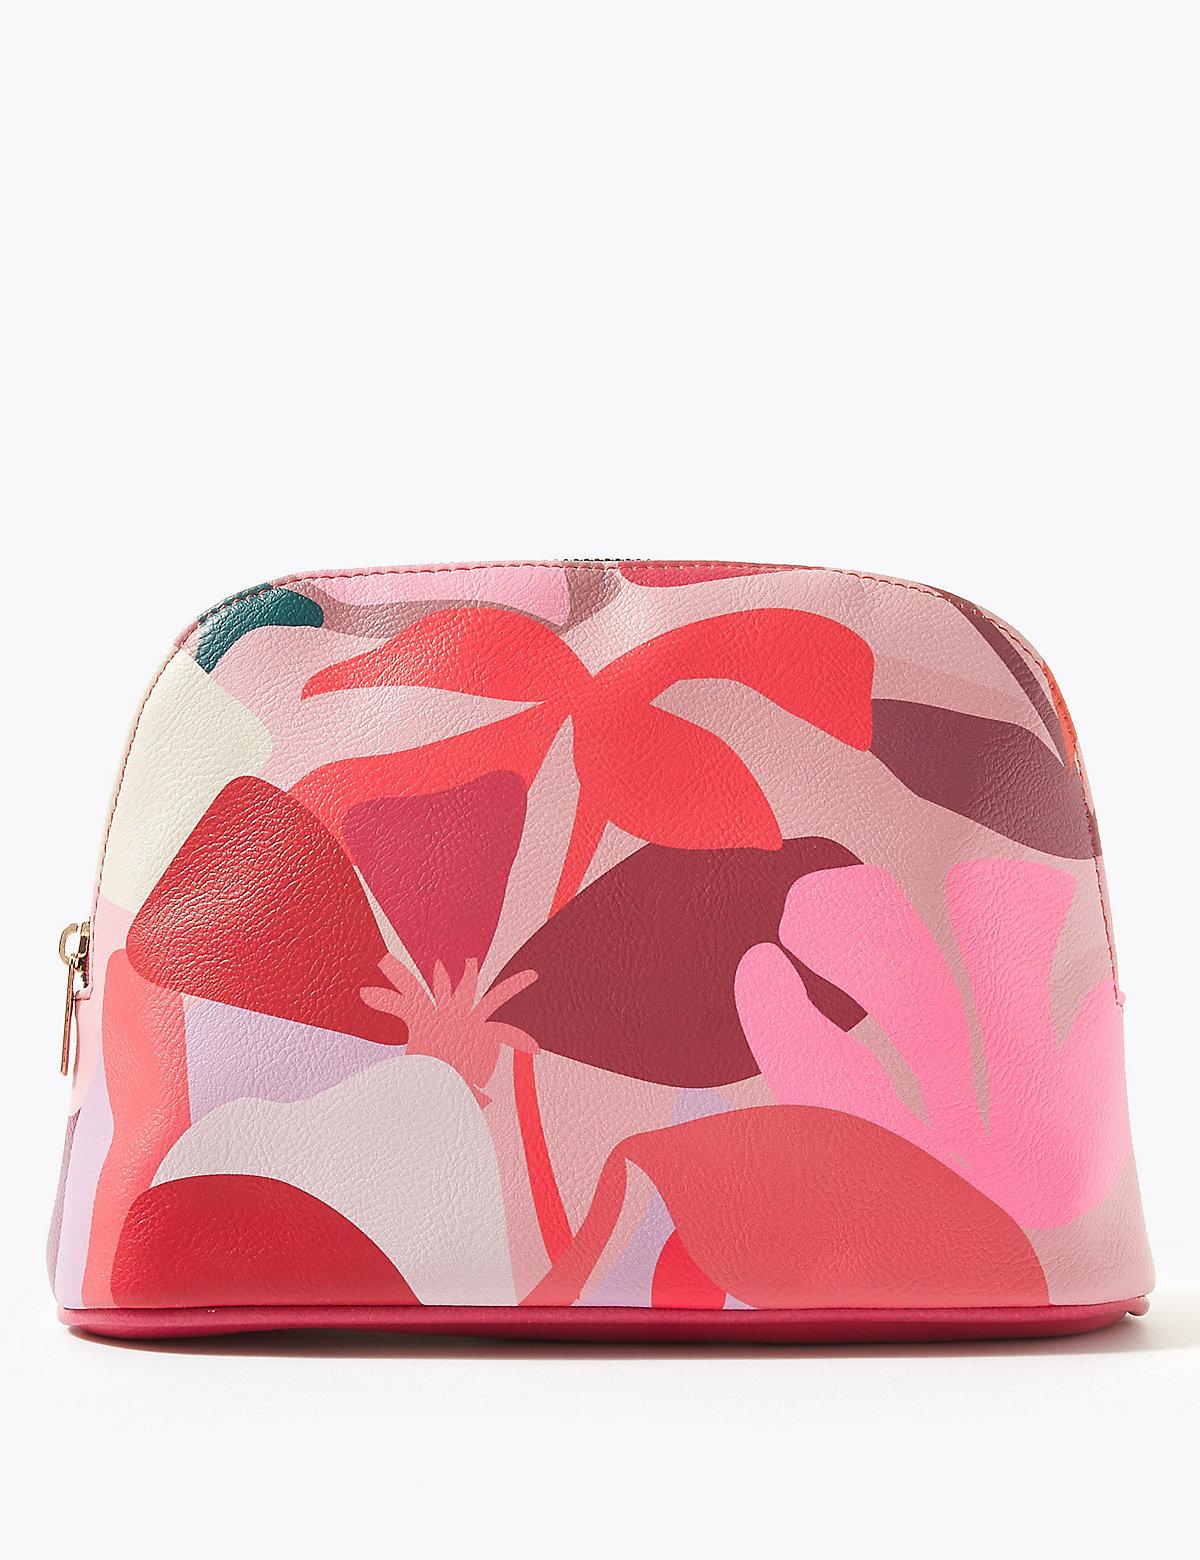 Lifeology Camo Make-Up Bag